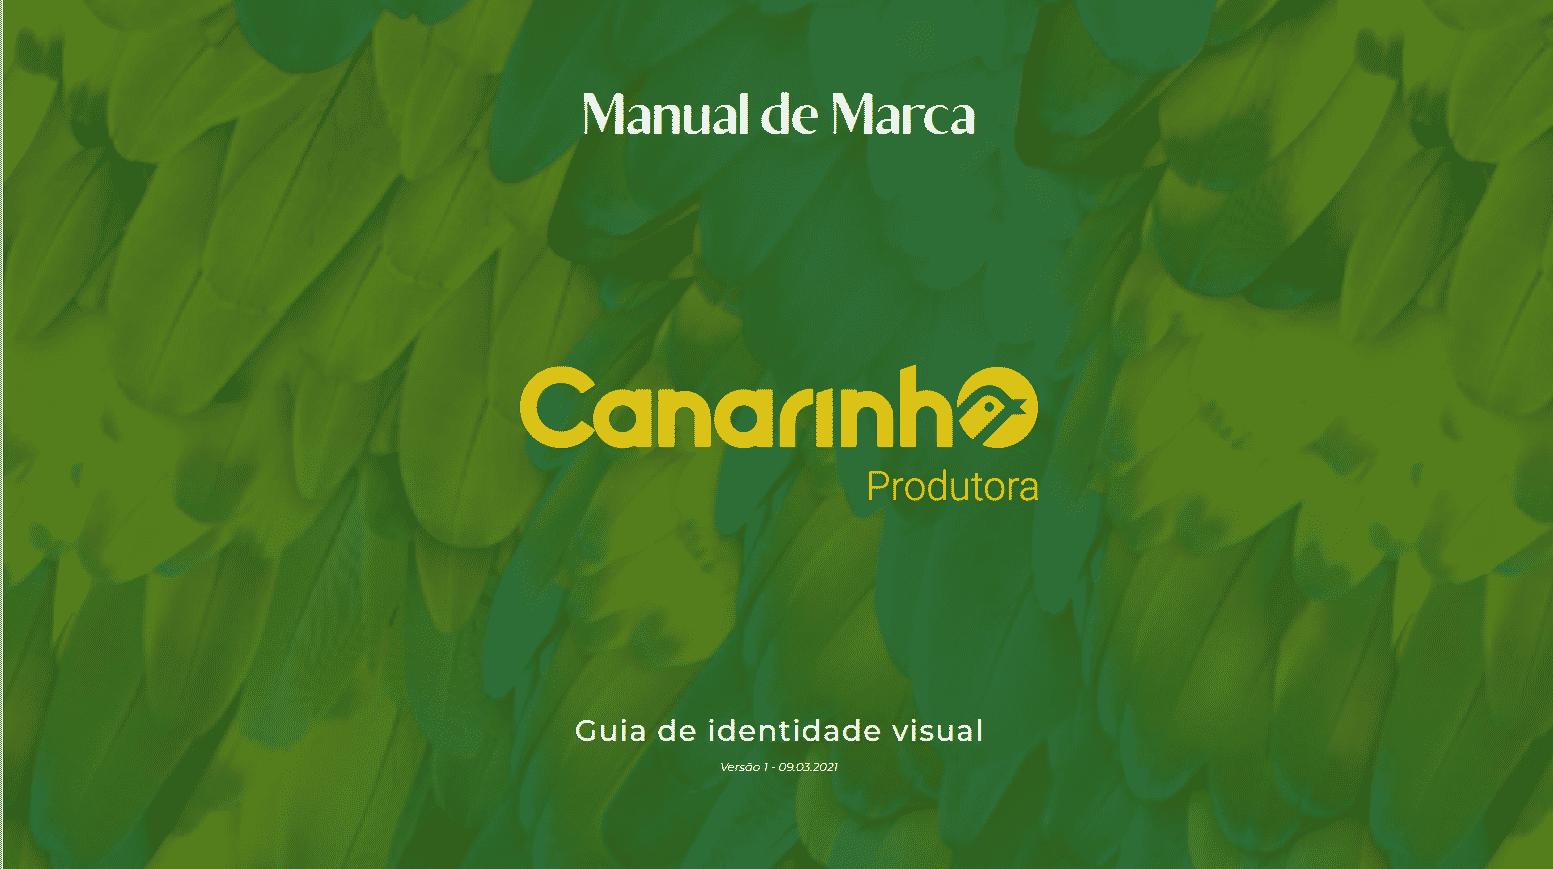 Capa Manual da Marca Canarinho - Canarinho Produtora